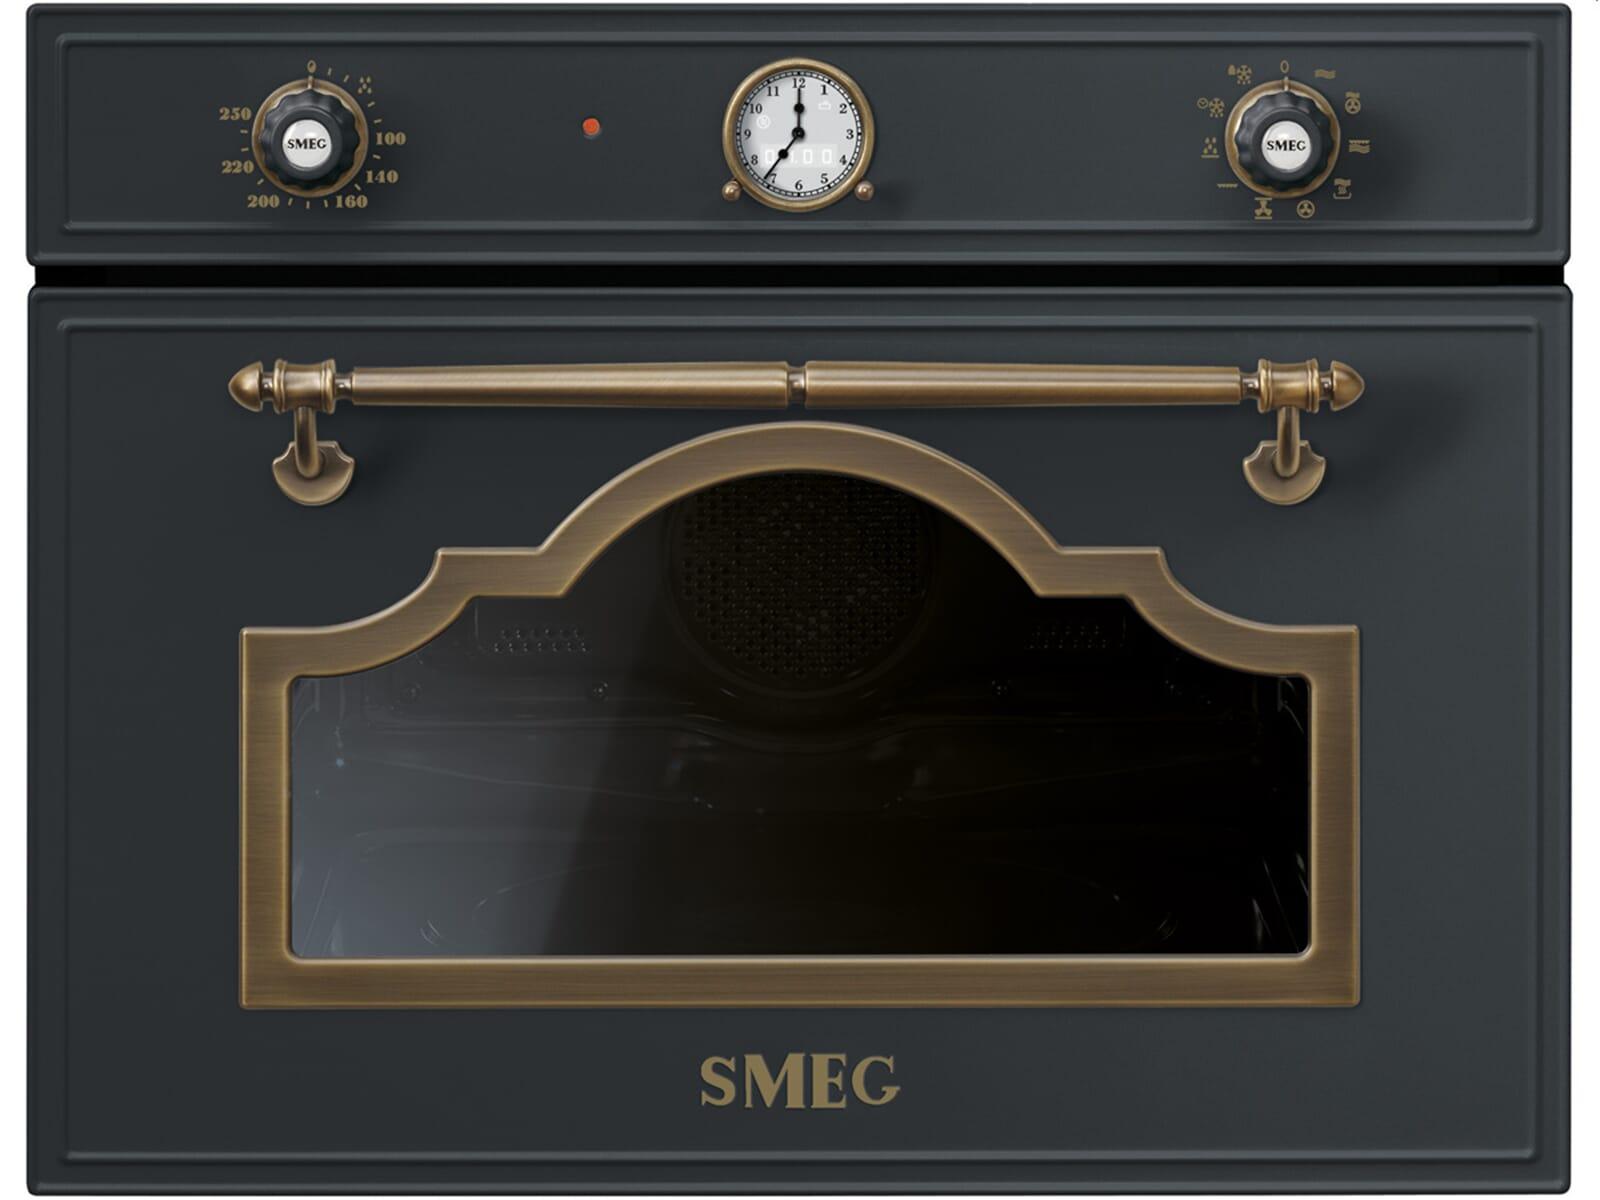 smeg sf4750mcao kompakt backofen mit mikrowelle anthrazit ebay. Black Bedroom Furniture Sets. Home Design Ideas